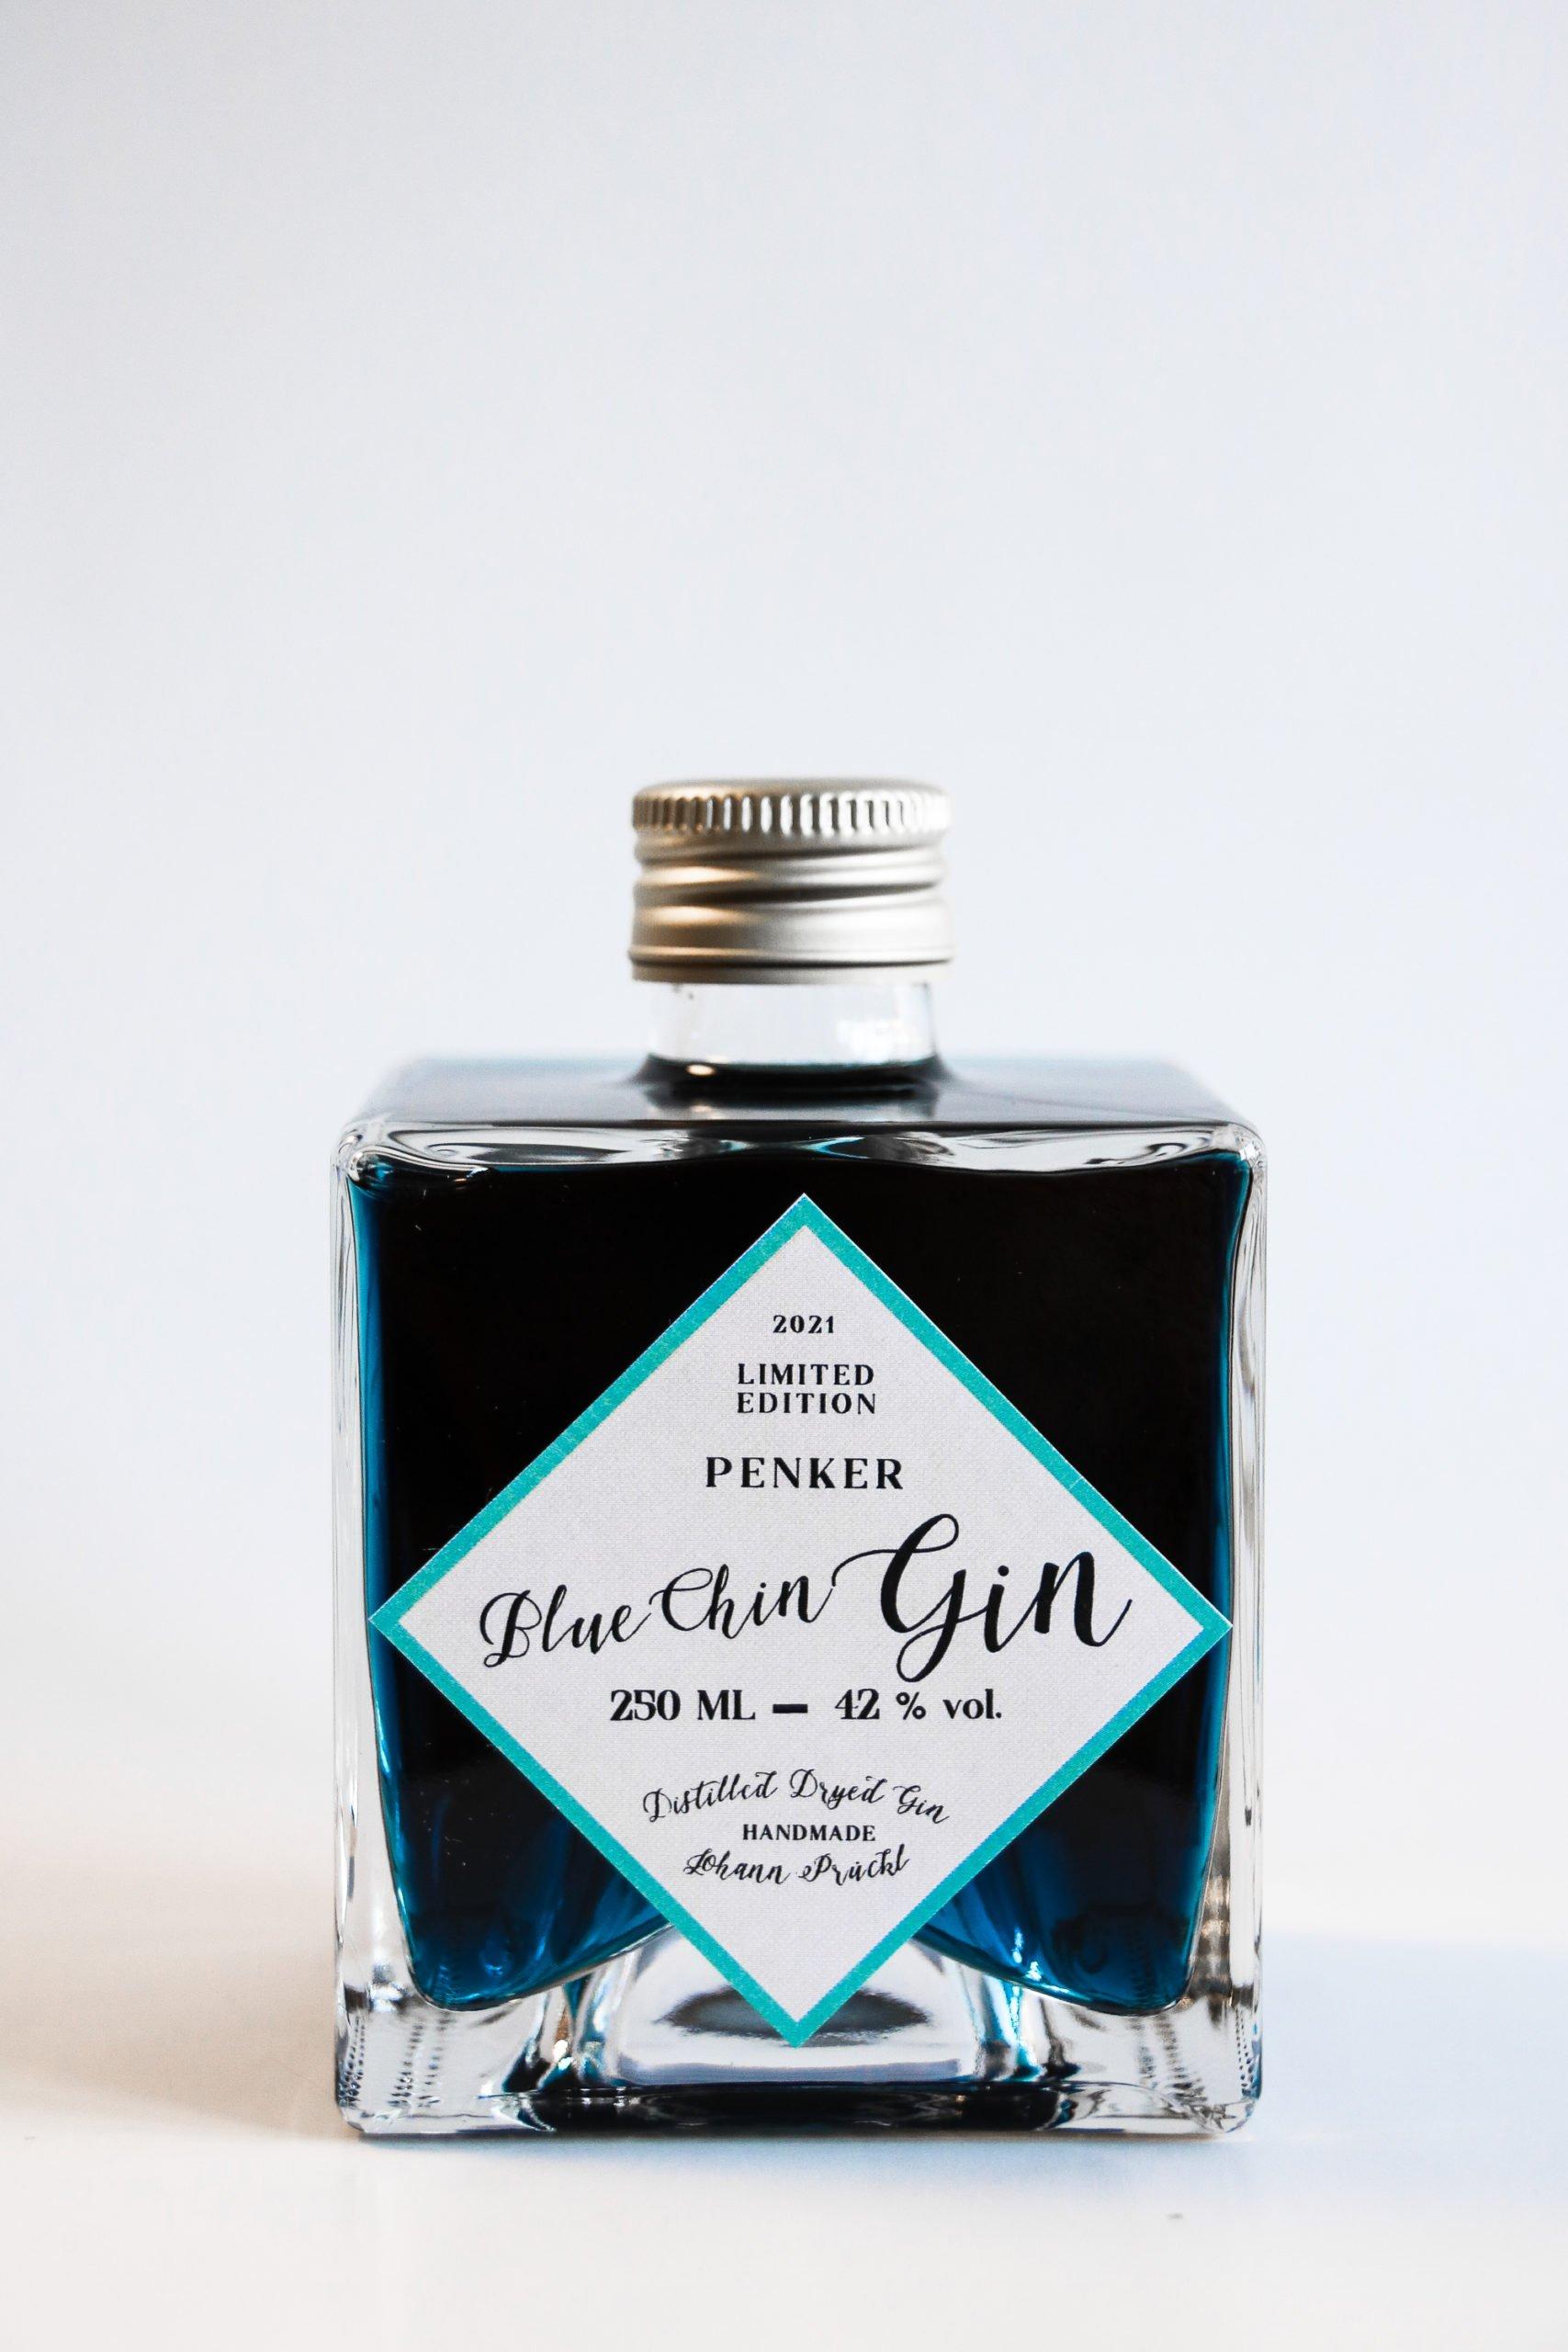 penker-obstbrennerei-blue-chin-gin-250ml